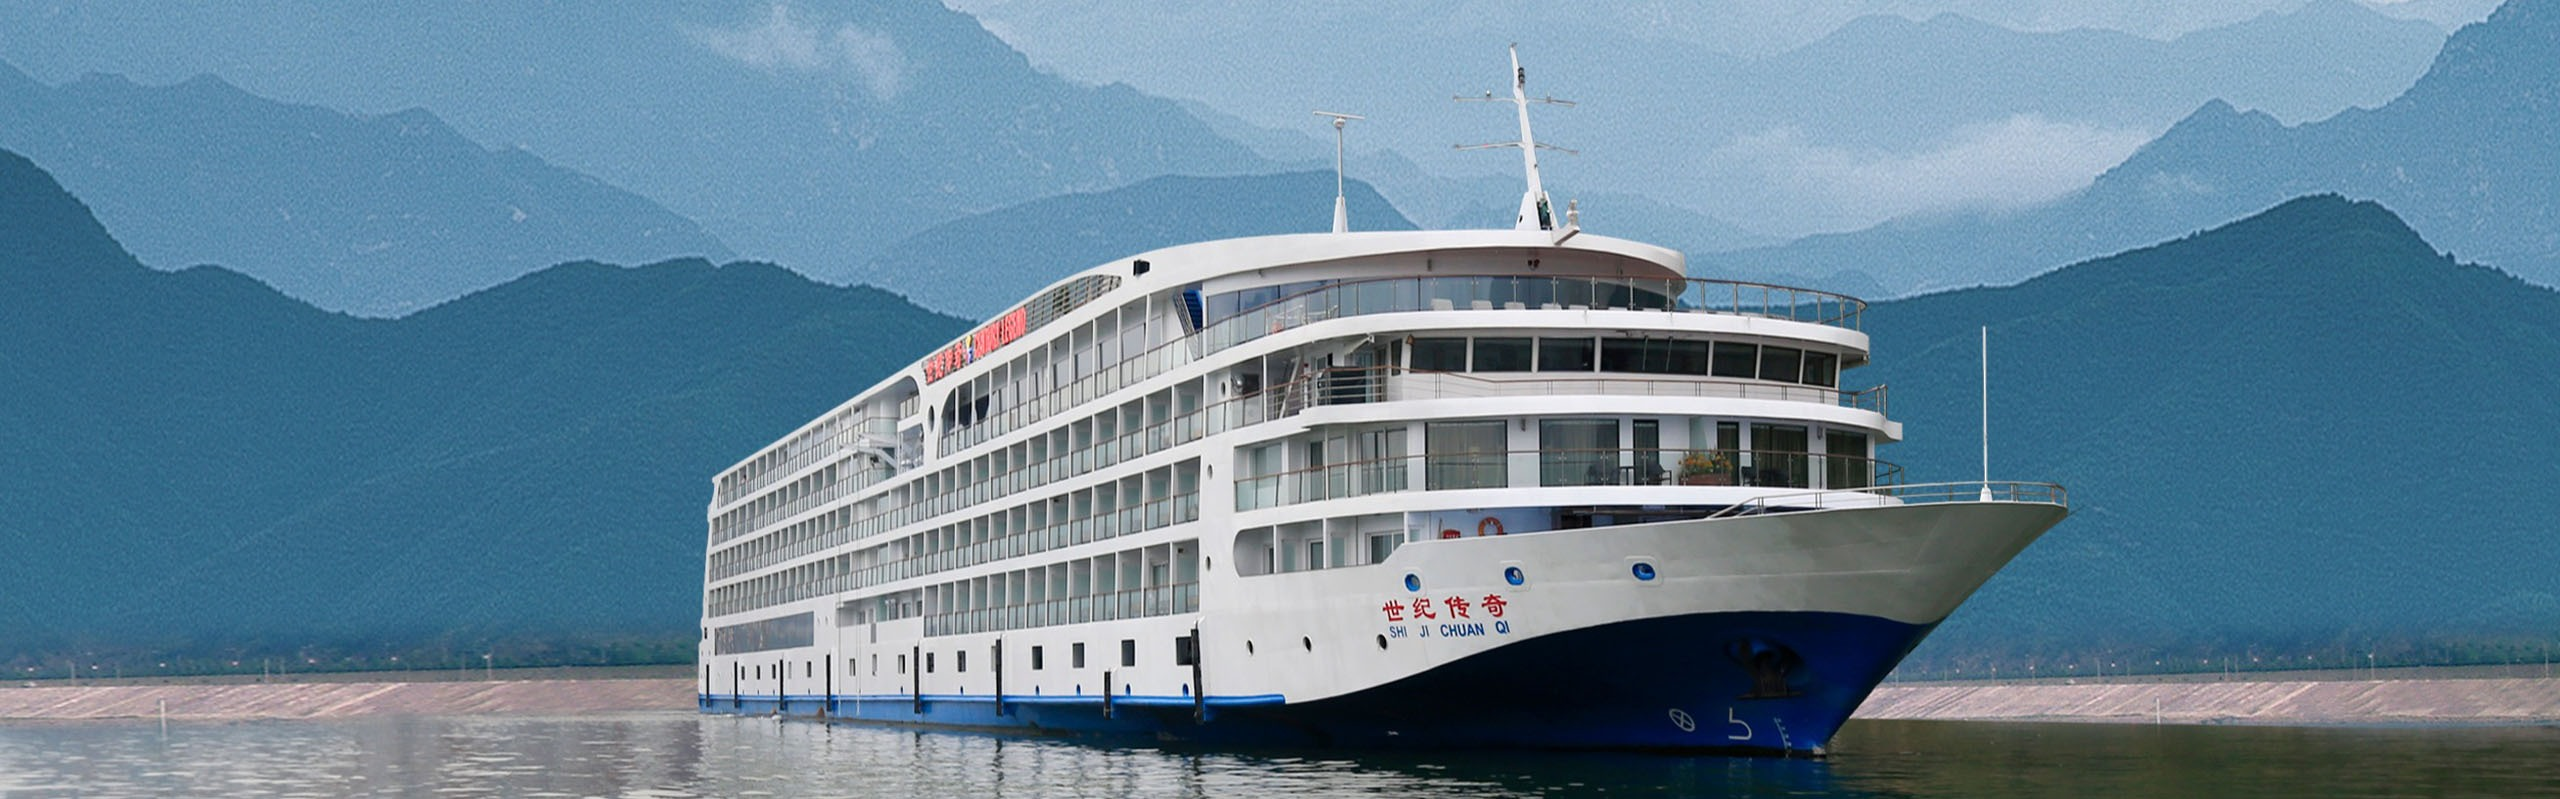 Century Legend Cruise